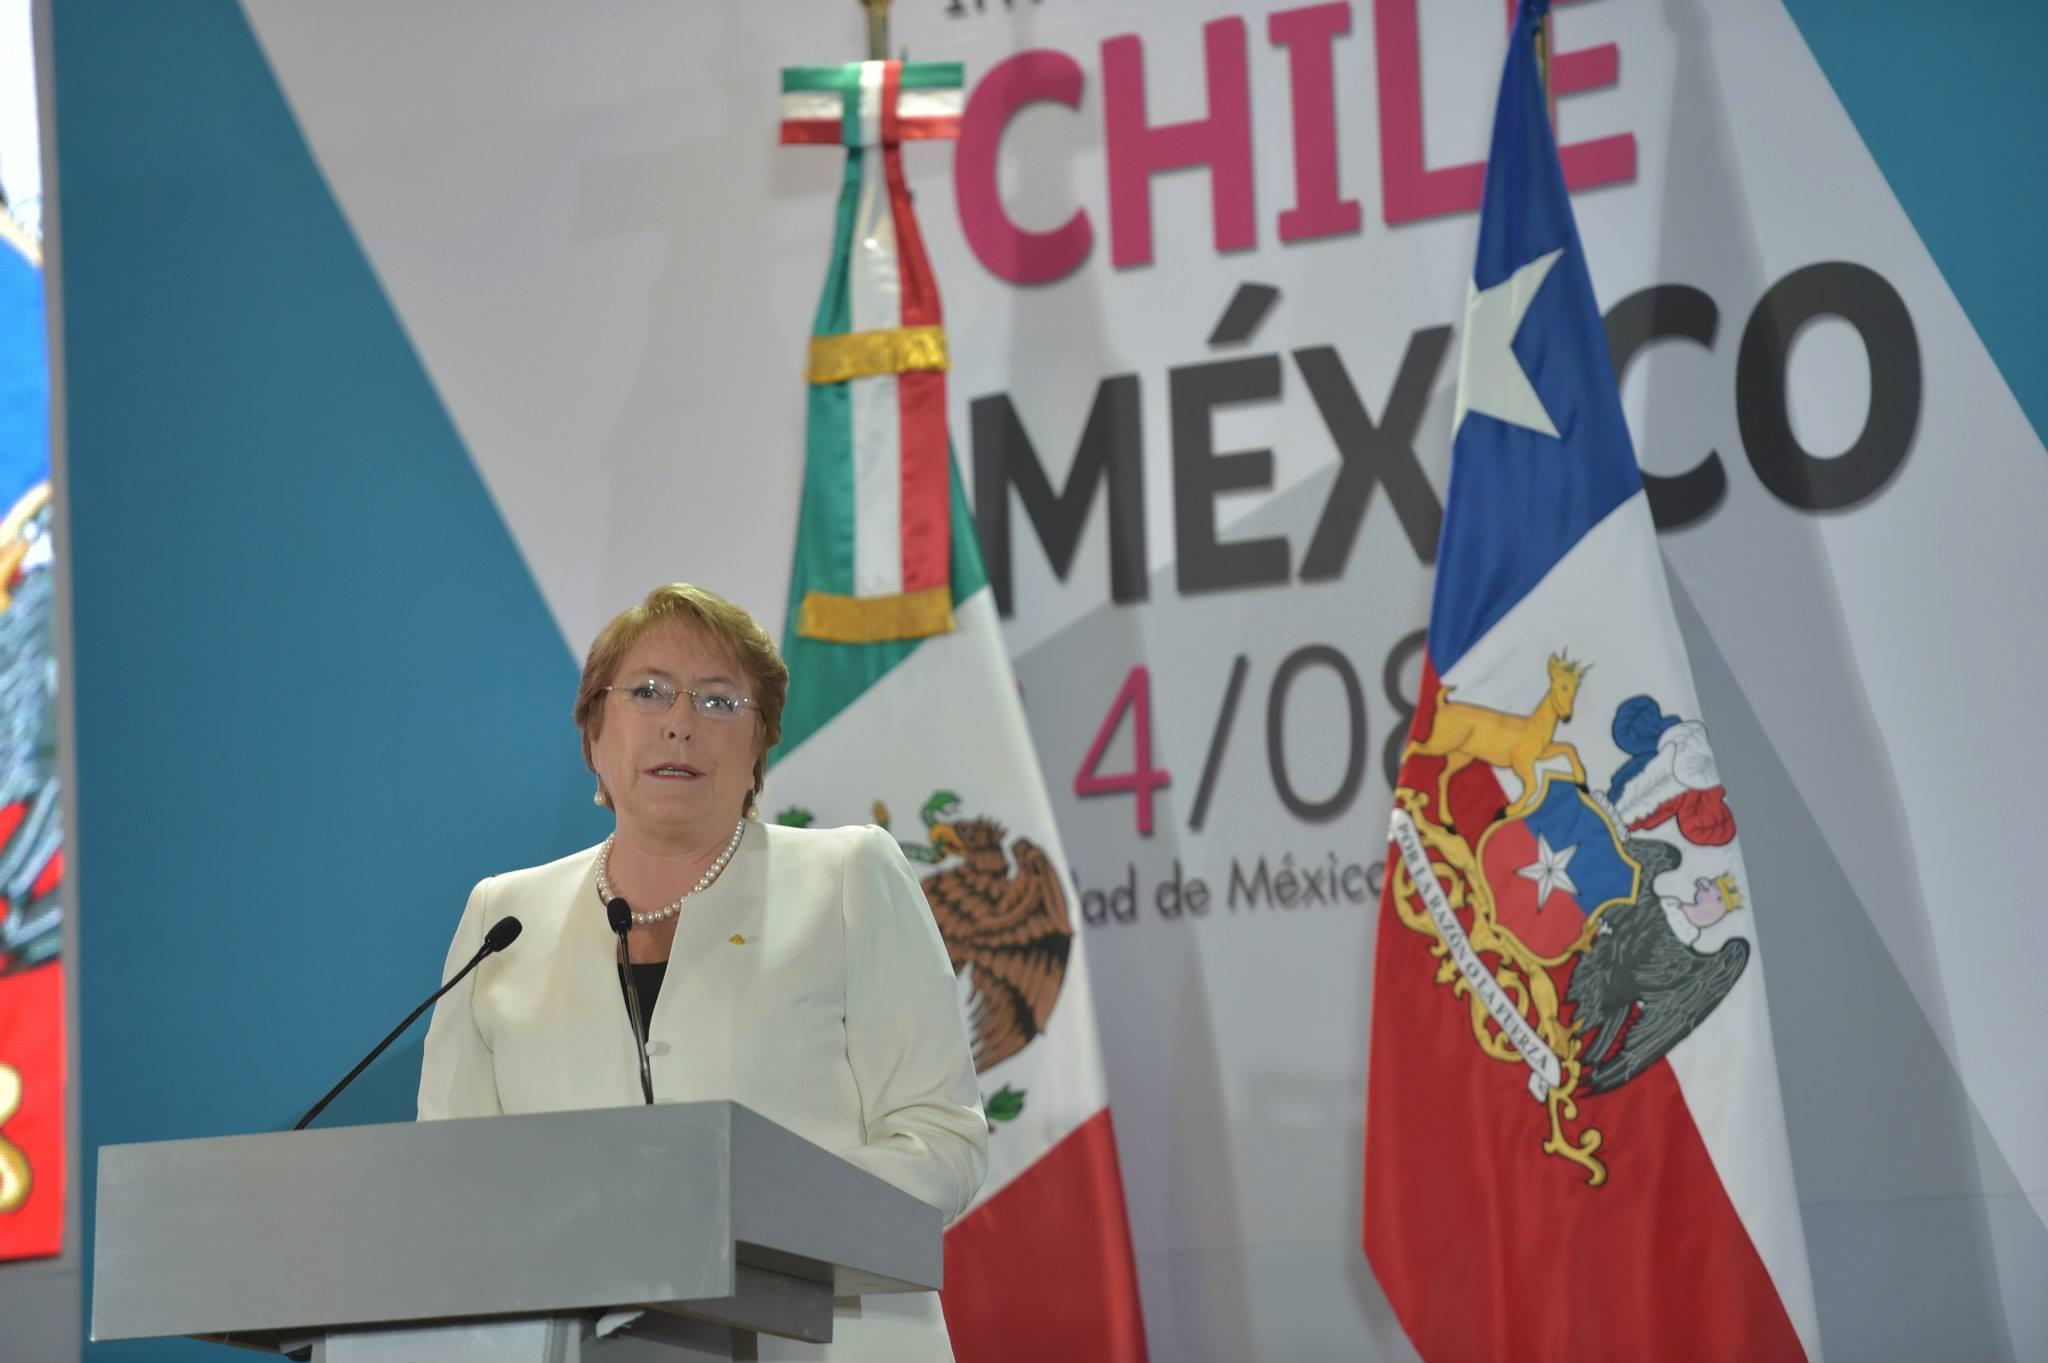 Palabras de la Presidenta de la República de Chile, Excelentísima Michelle Bachelet, durante el Foro Comercio e Inversiones Chile-México